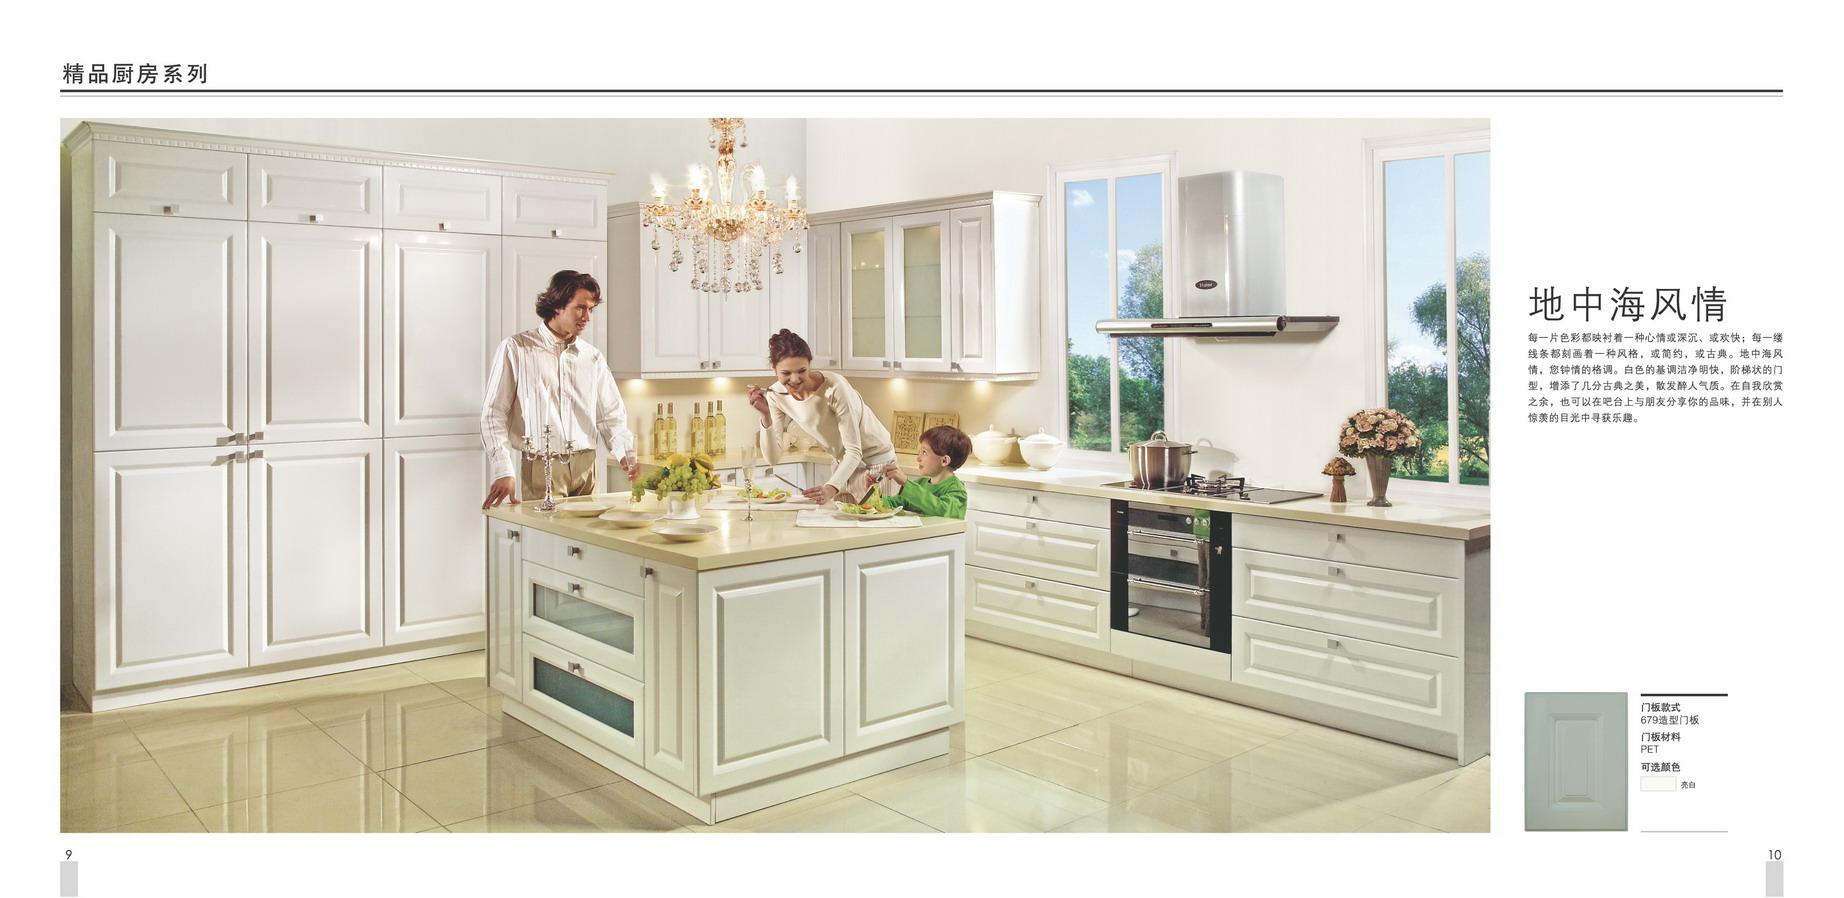 合作伙伴 海尔整体厨房 橱柜 厨柜 装修设计效果图